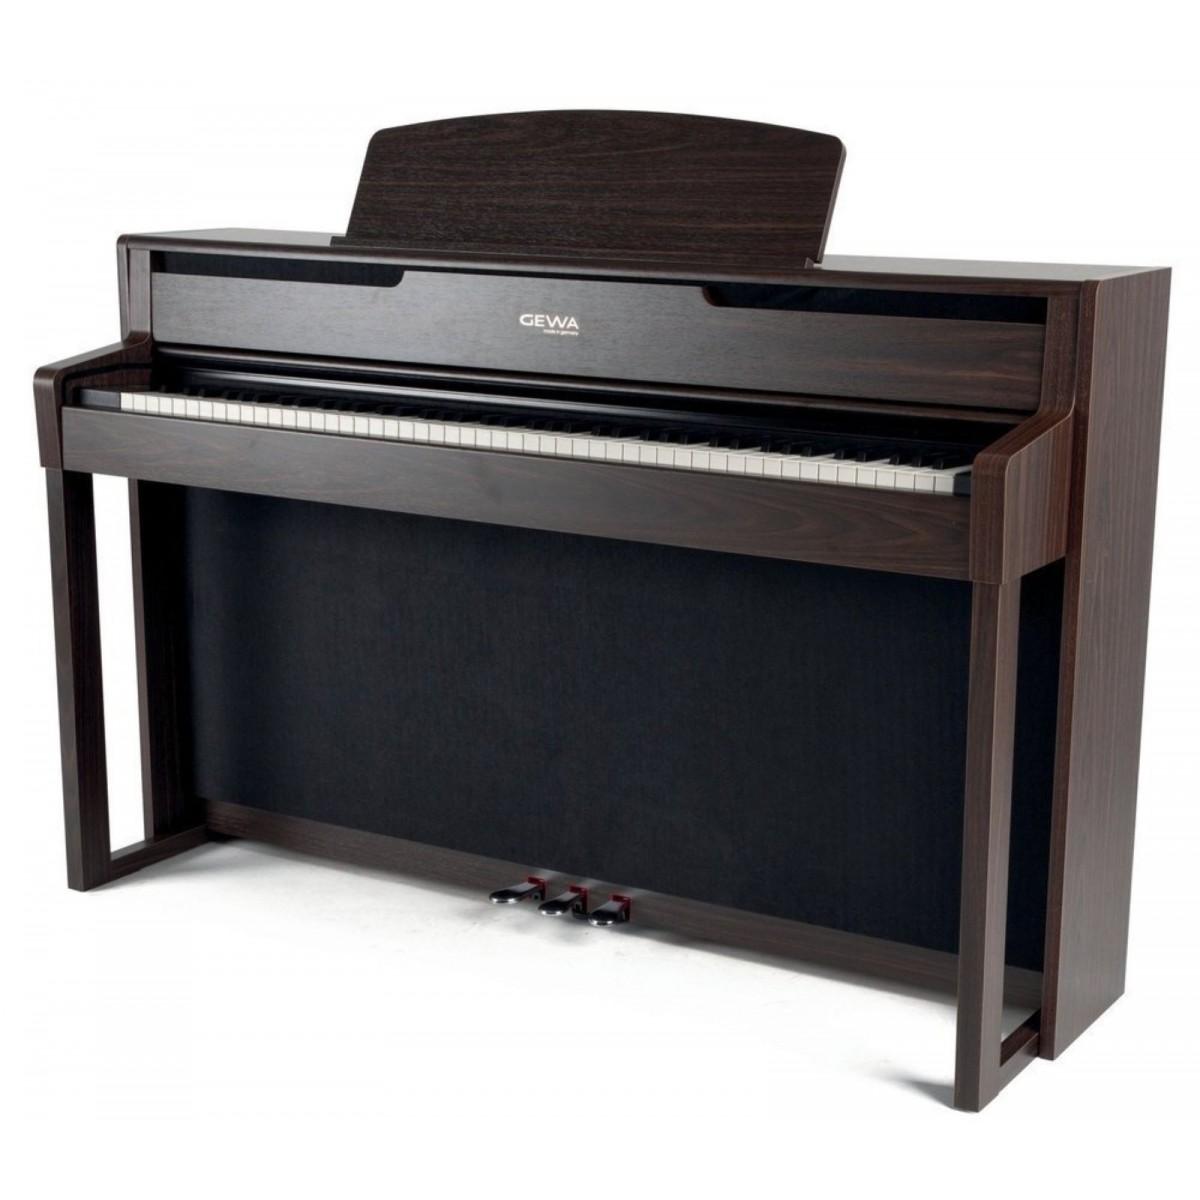 Gewa E-Pianos